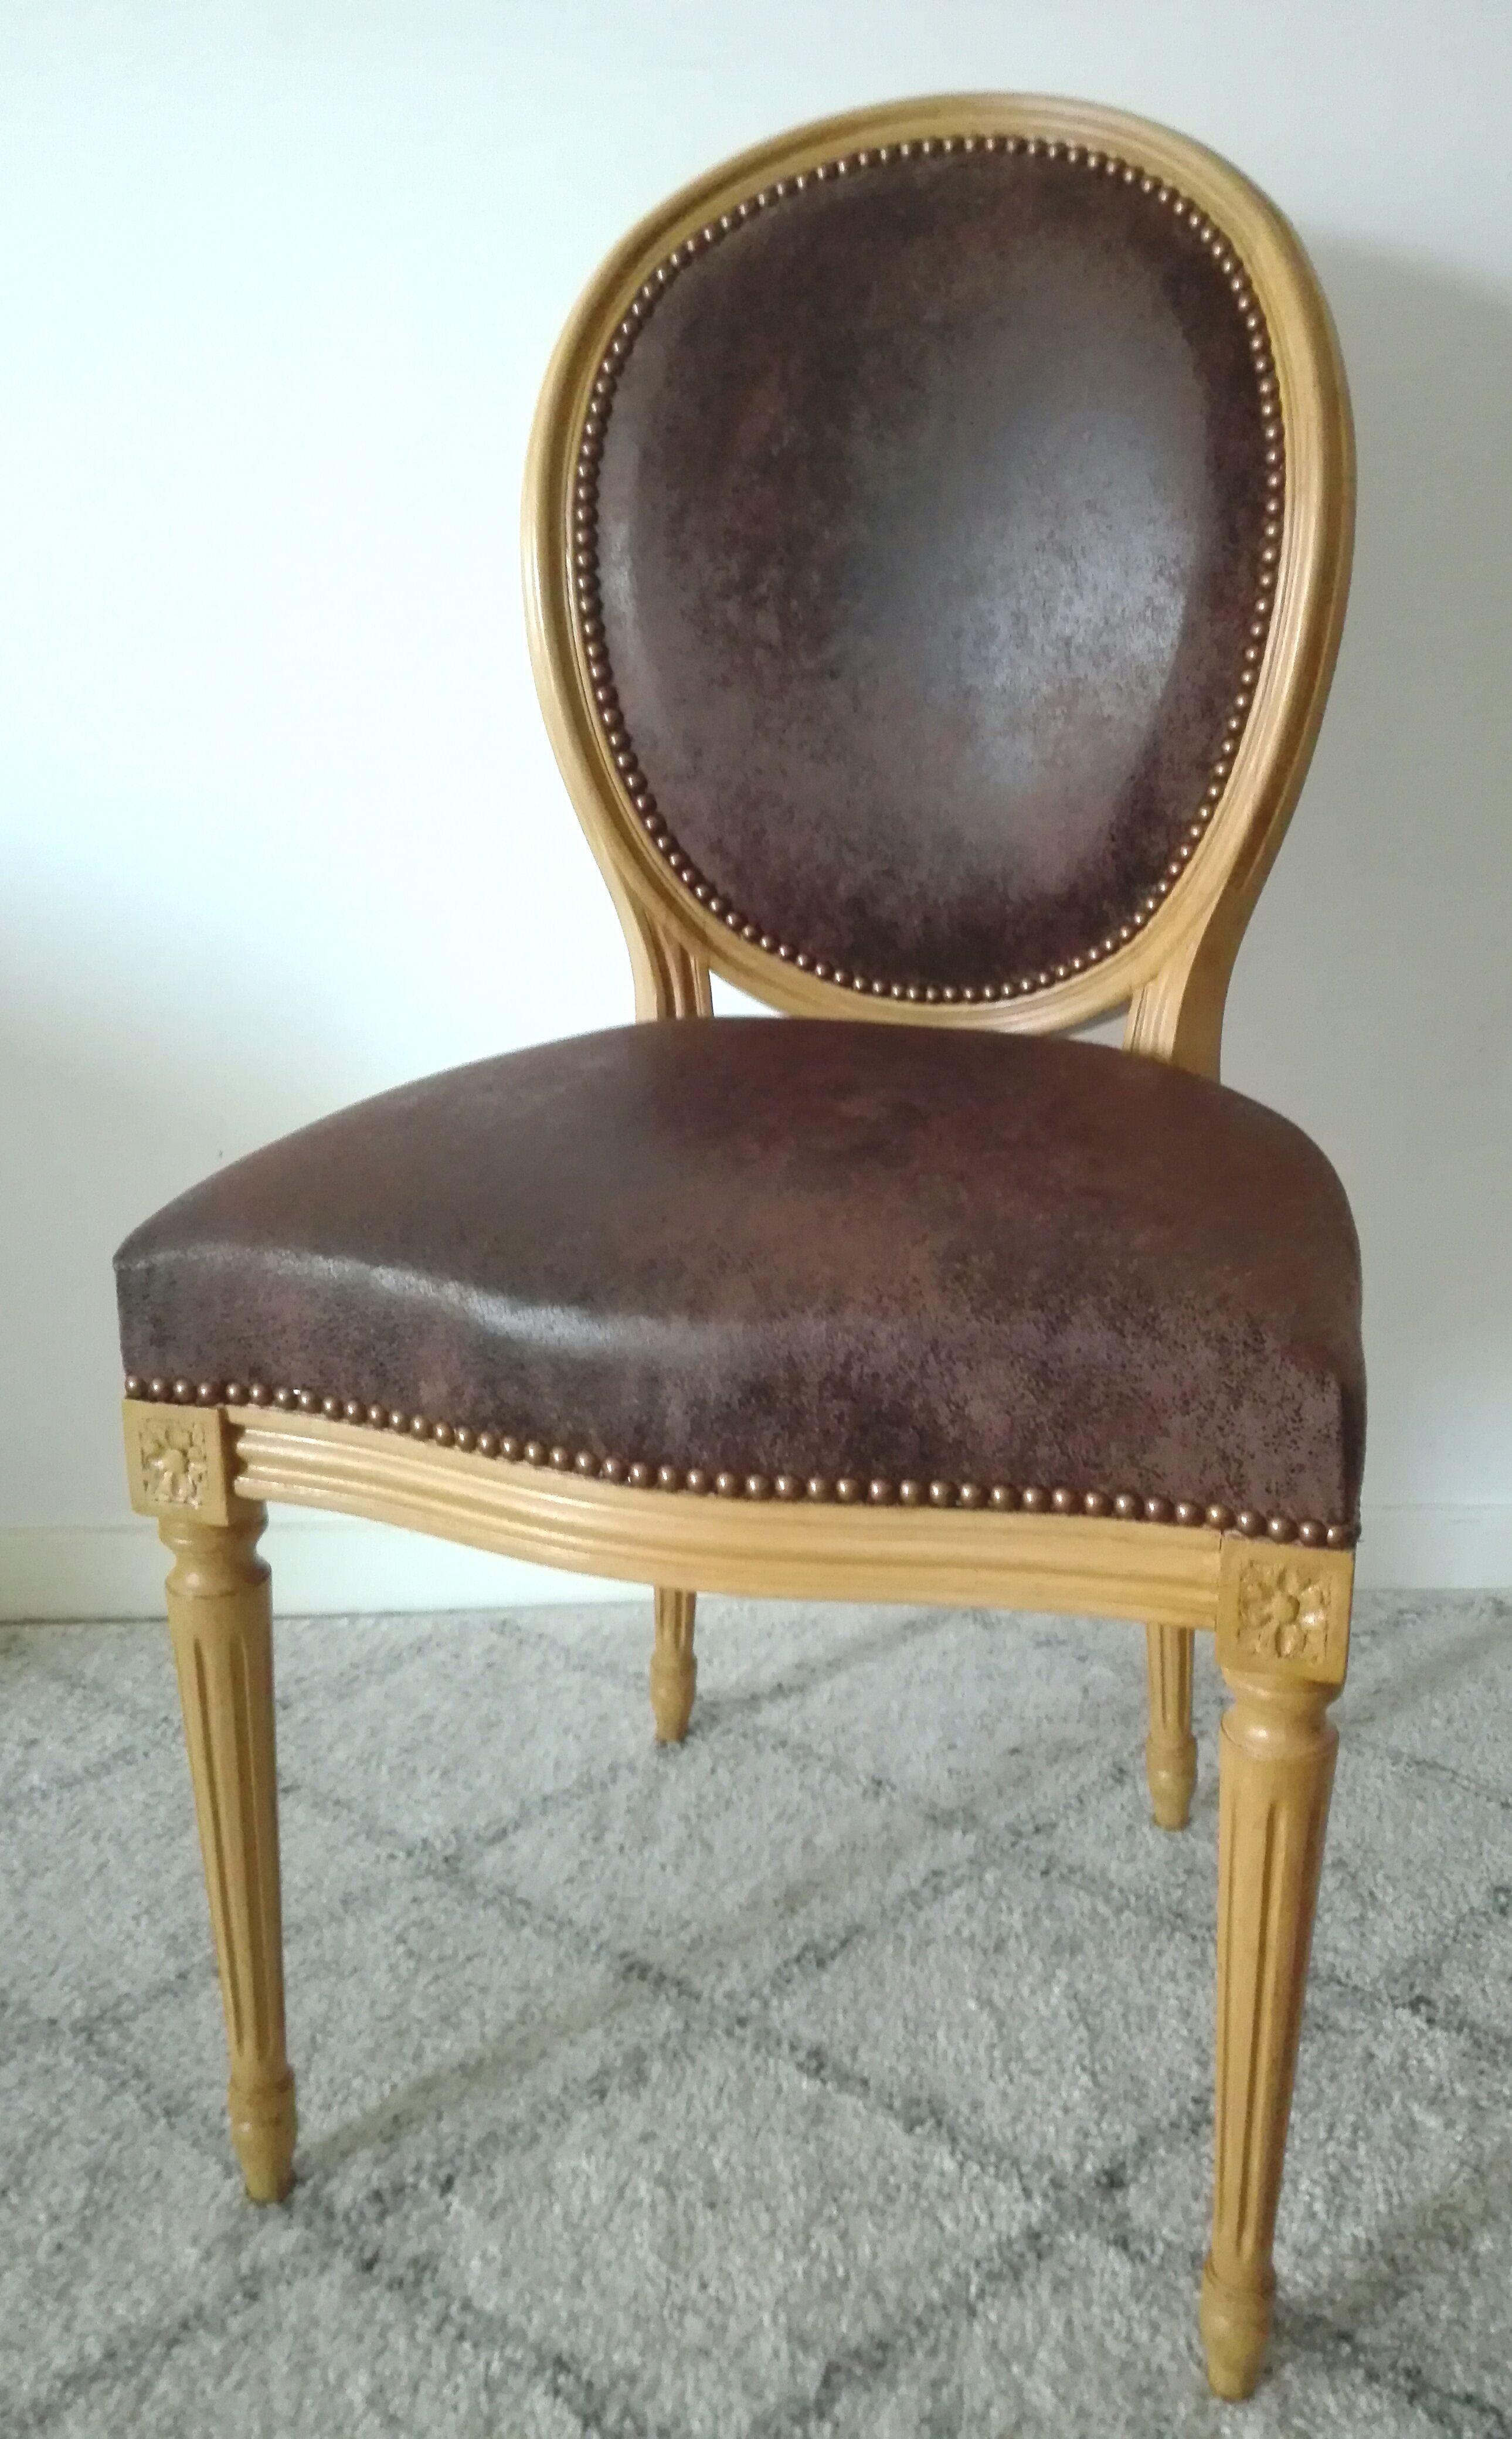 Renover Une Chaise Medaillon chaise médaillon relookée | mobilier de salon, relooking